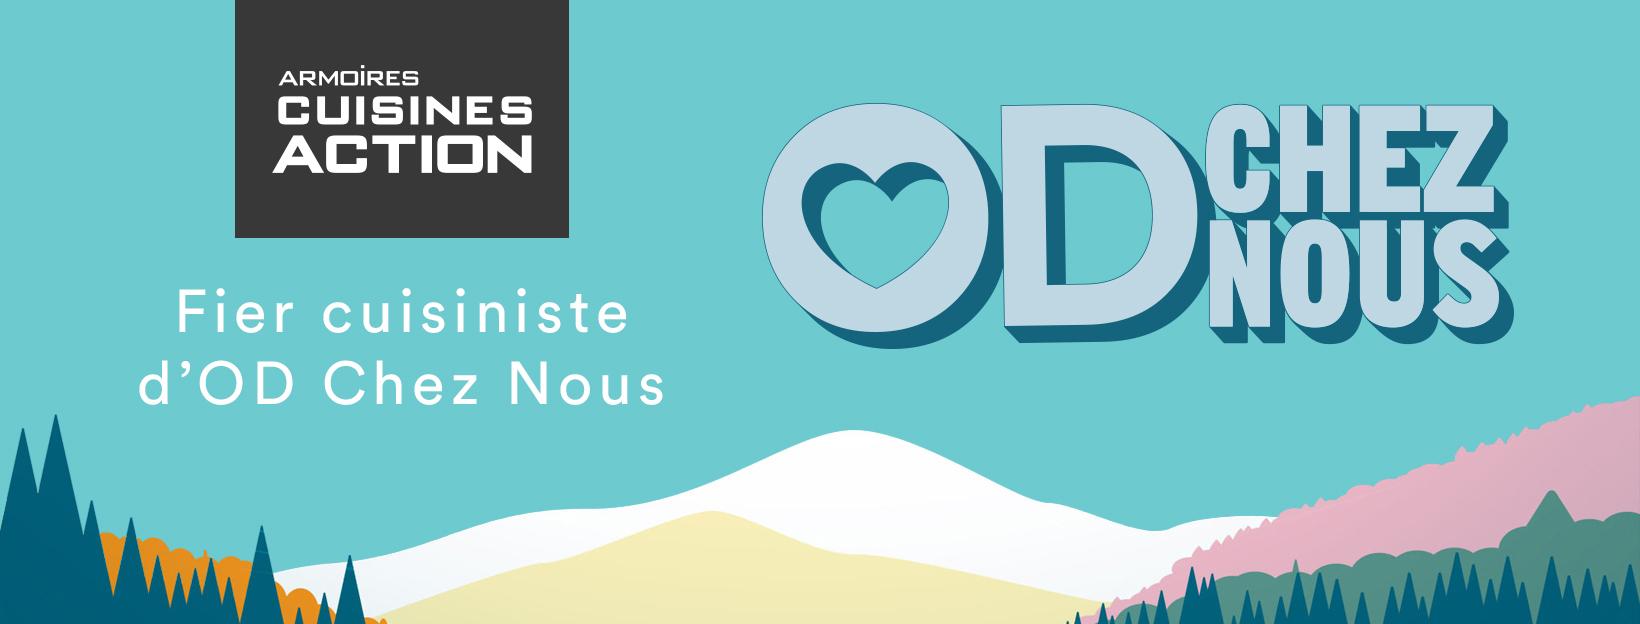 Armoires Cuisines Action est fier cuisiniste d'Occupation Double au Québec